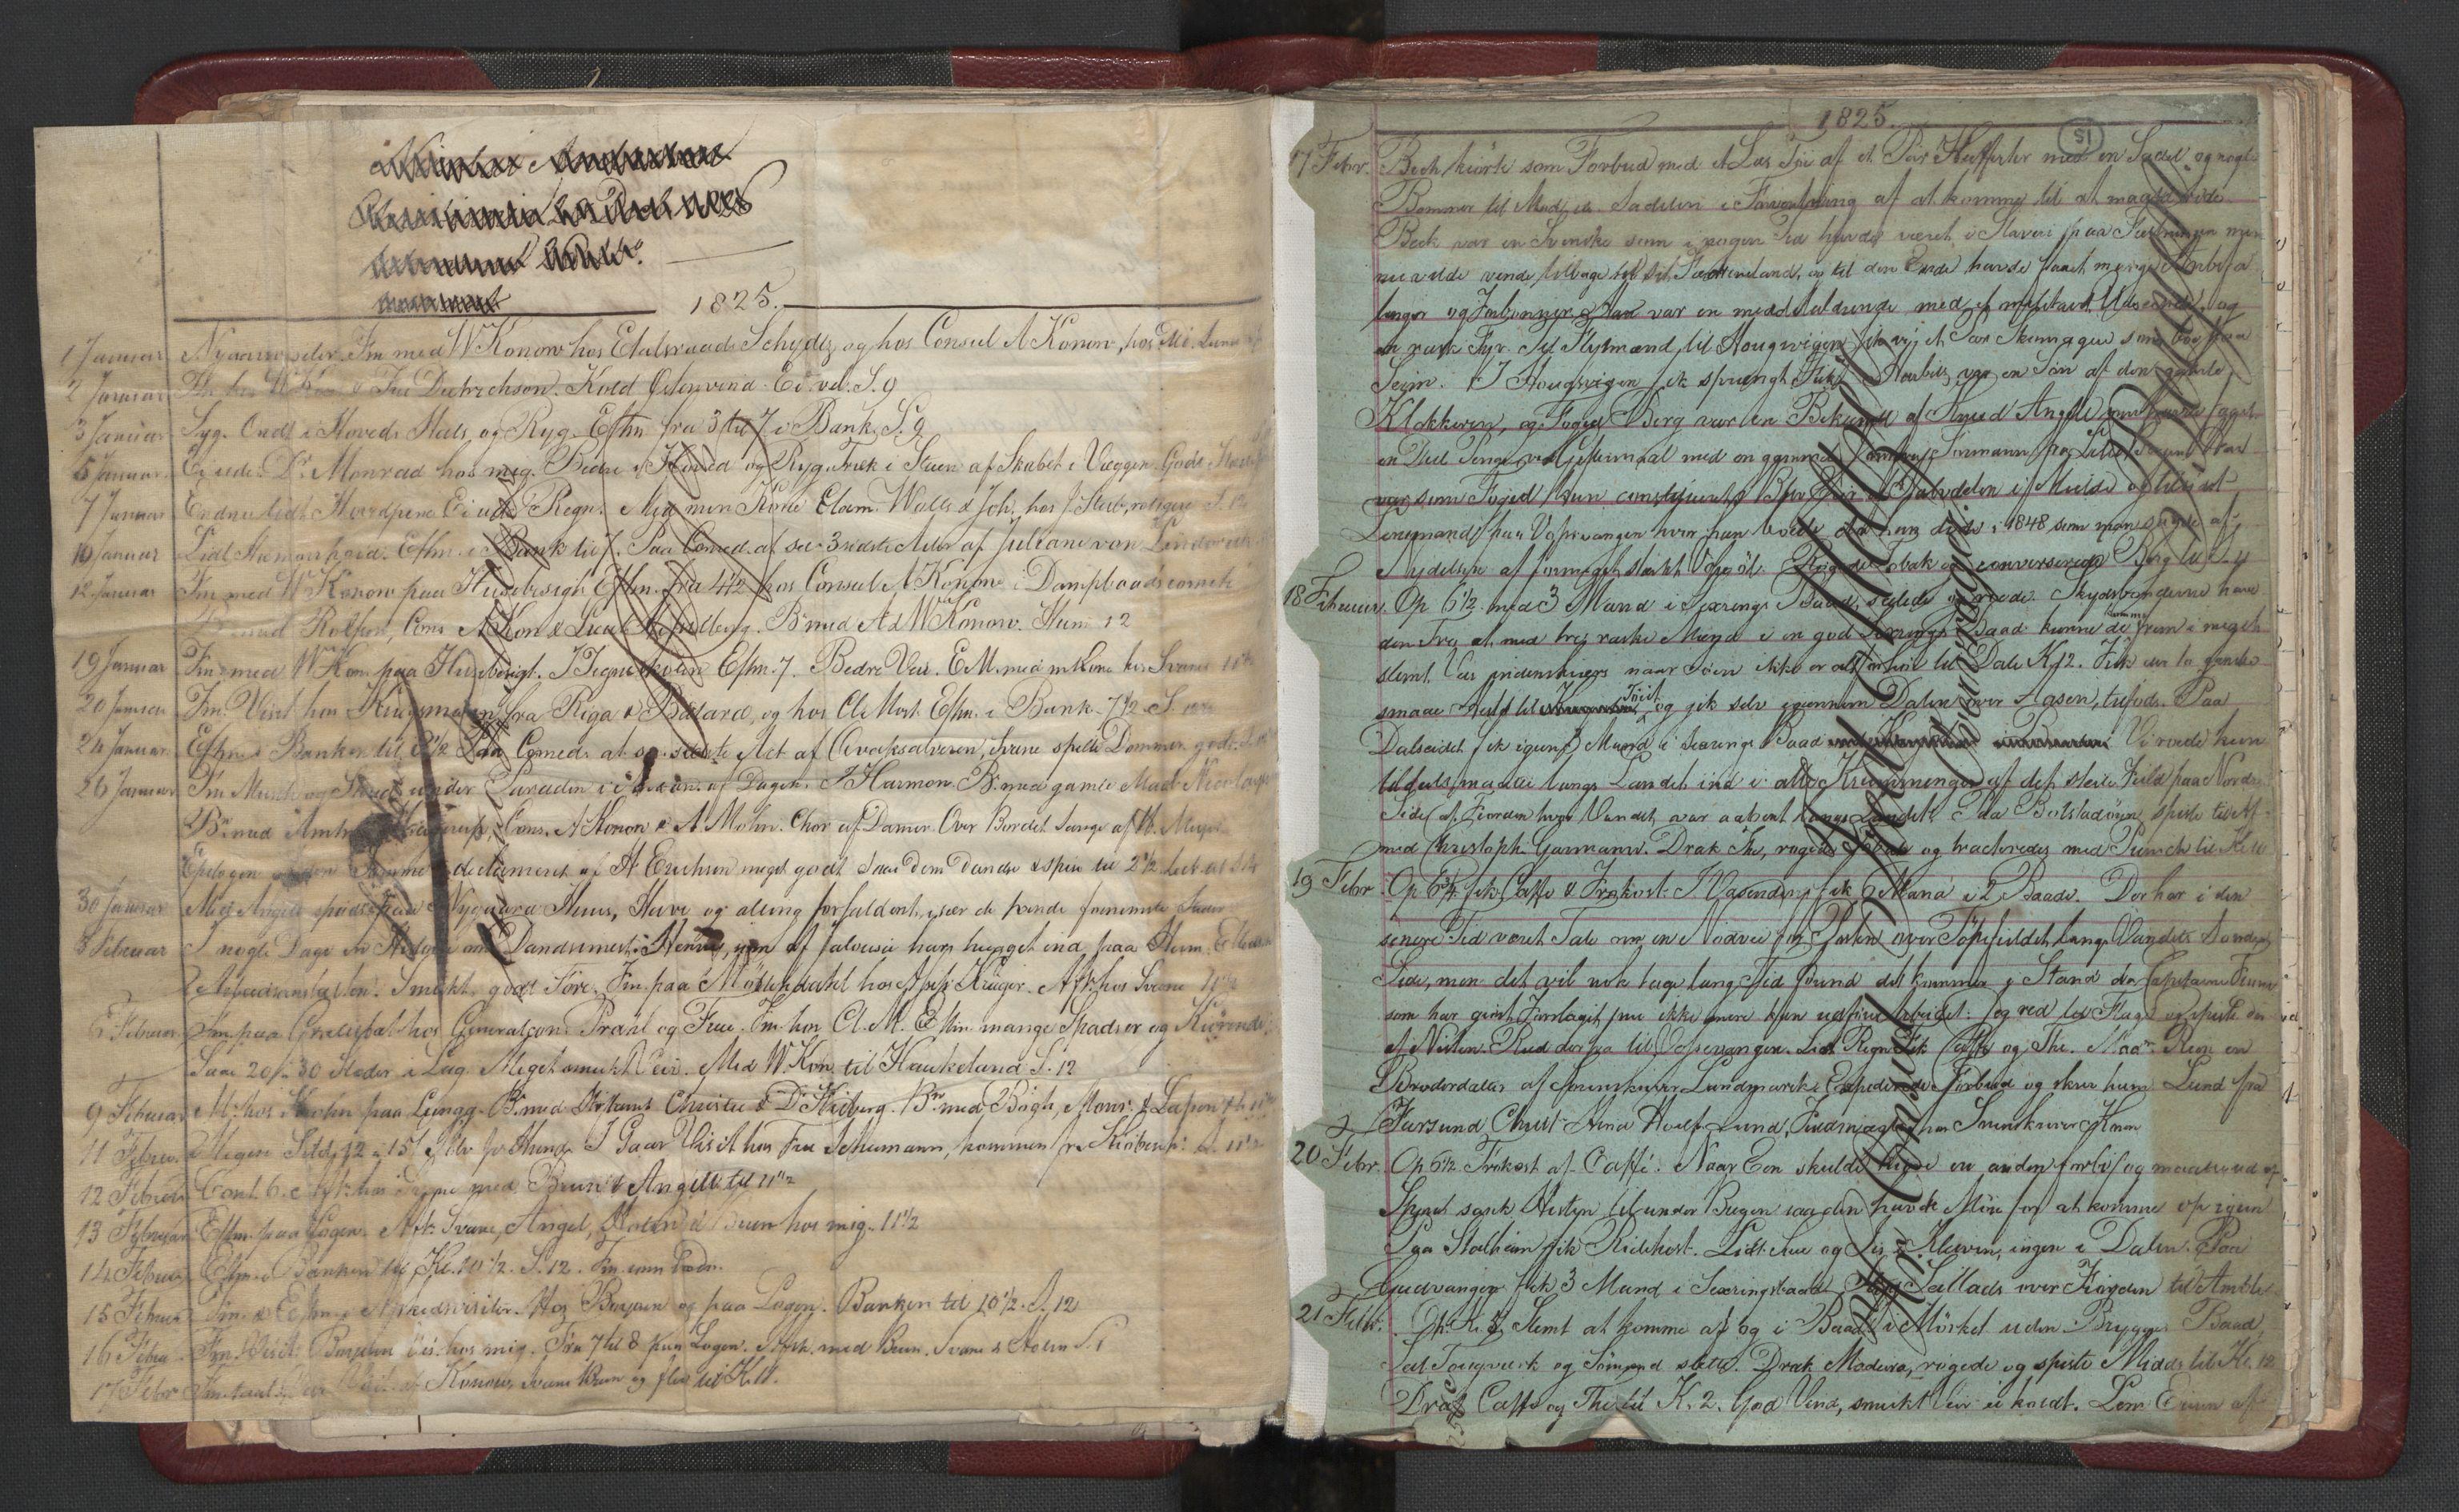 RA, Meltzer, Fredrik, F/L0004: Dagbok, 1822-1830, s. 50b-51a